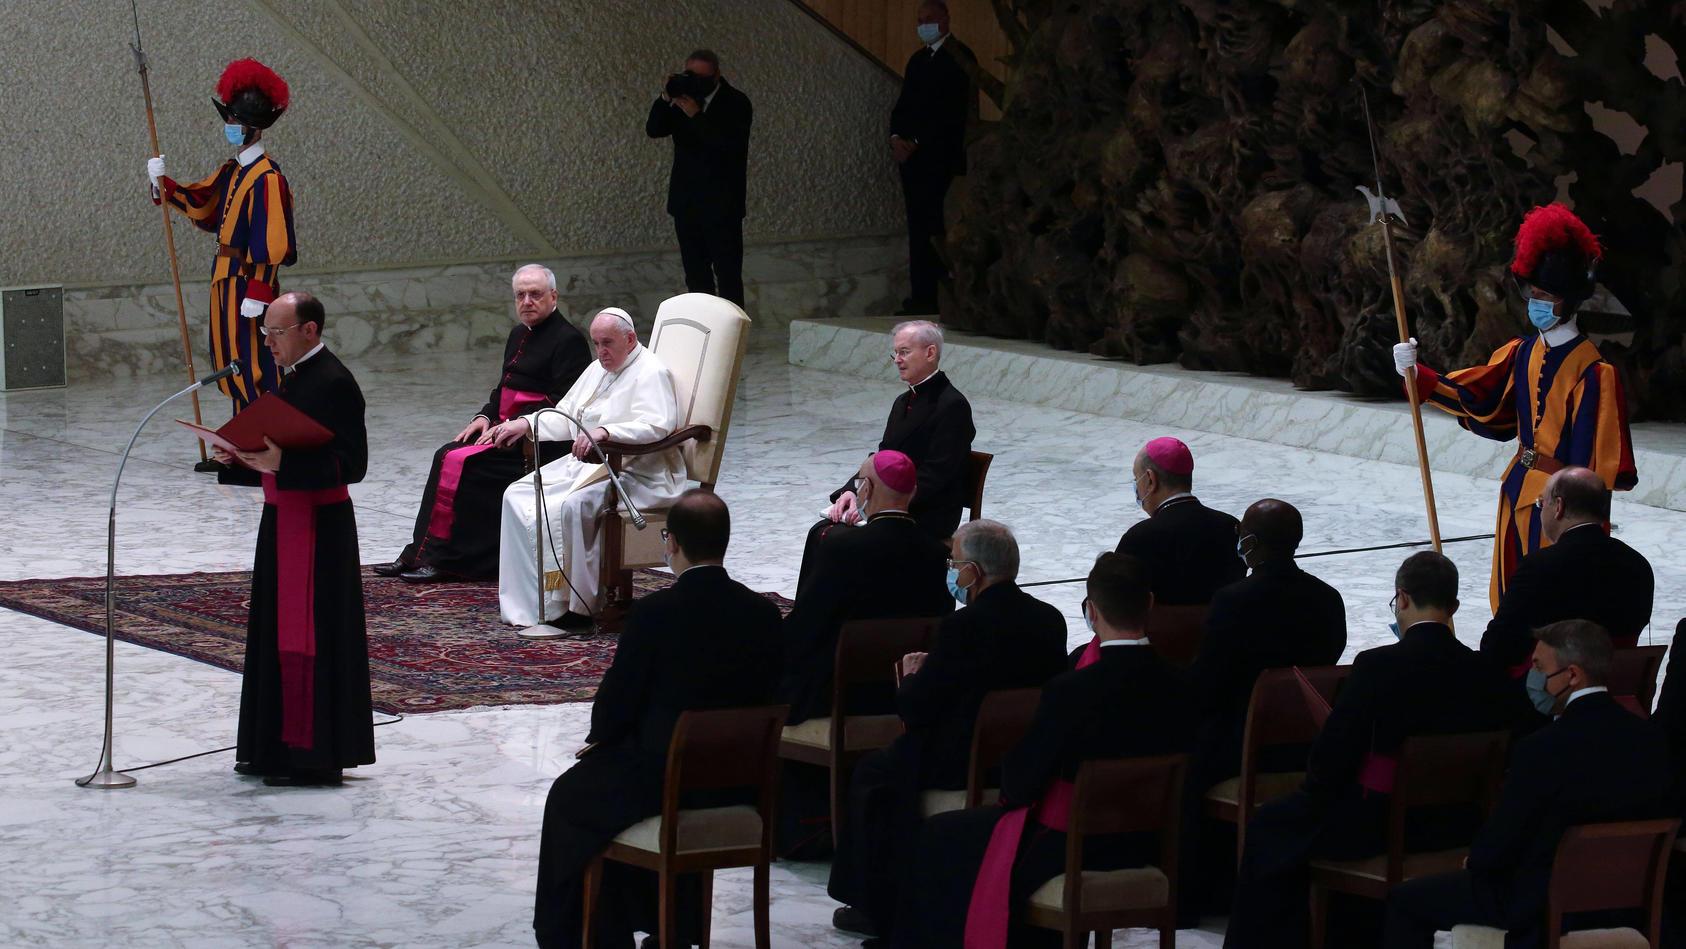 Das Verhältnis zwischen dem Vatikan und den deutschen Katholiken ist seit langem angespannt.